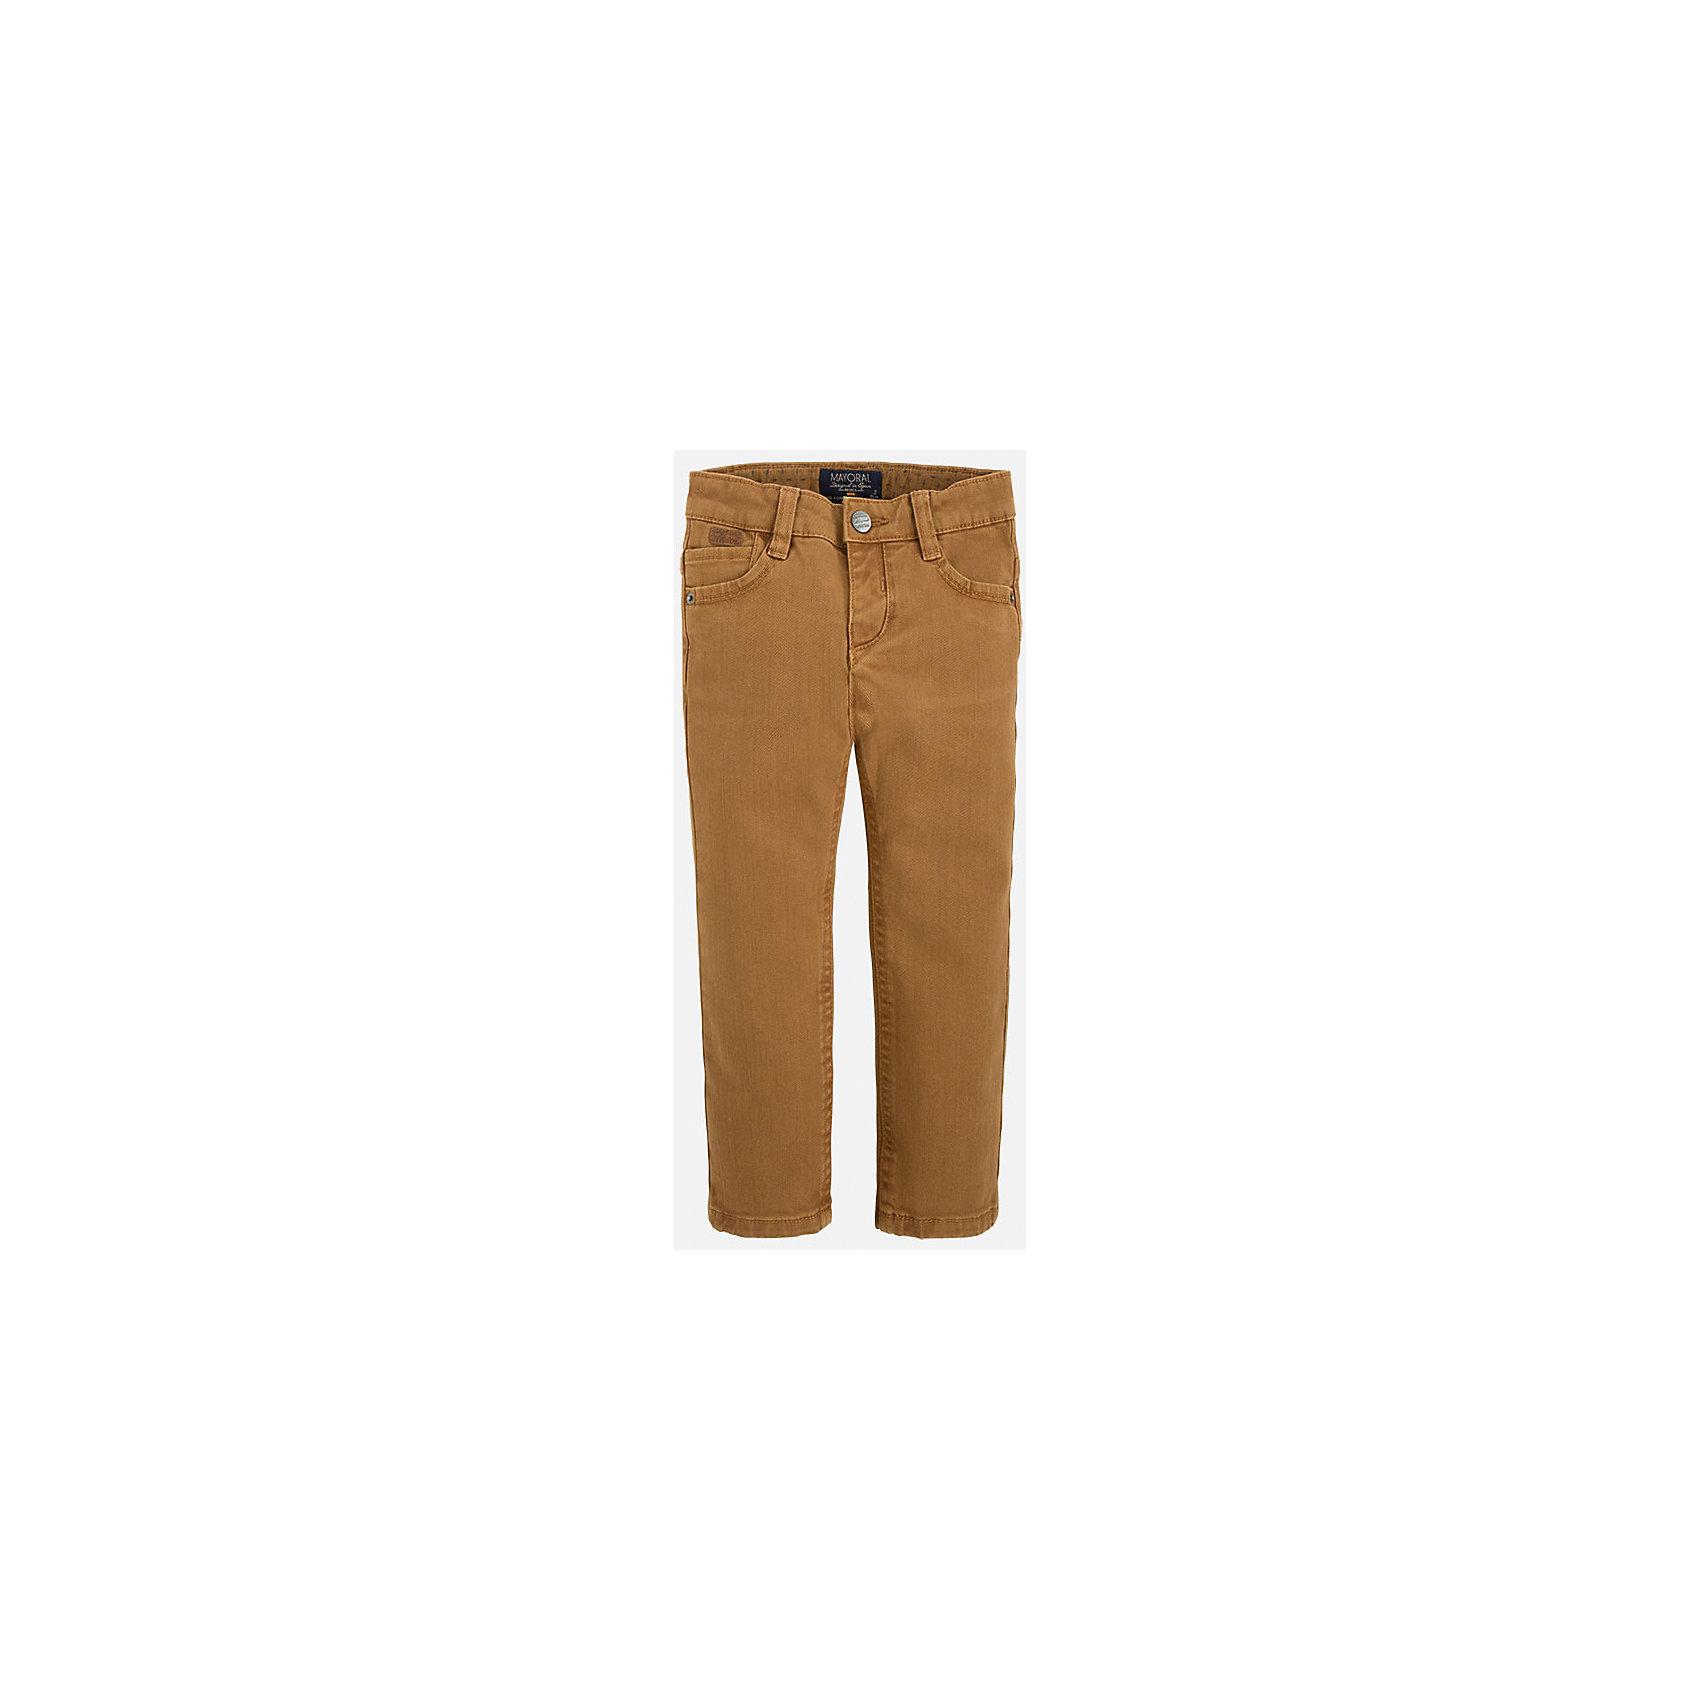 Брюки для мальчика MayoralБрюки<br>Стильные брюки для мальчика кофейного цвета.<br>У брюк классическая посадка, удобный крой и приятная хлопковая ткань.<br><br>Дополнительная информация:<br><br>- Крой: прямой крой.<br>- Страна бренда: Испания.<br>- Состав: хлопок 98%, эластан 2%.<br>- Цвет: кофейный.<br>- Уход: бережная стирка при 30 градусах.<br><br>Купить брюки для мальчика Mayoral можно в нашем магазине.<br><br>Ширина мм: 215<br>Глубина мм: 88<br>Высота мм: 191<br>Вес г: 336<br>Цвет: бежевый<br>Возраст от месяцев: 18<br>Возраст до месяцев: 24<br>Пол: Мужской<br>Возраст: Детский<br>Размер: 92,110,98,104,116,122,128,134<br>SKU: 4826447